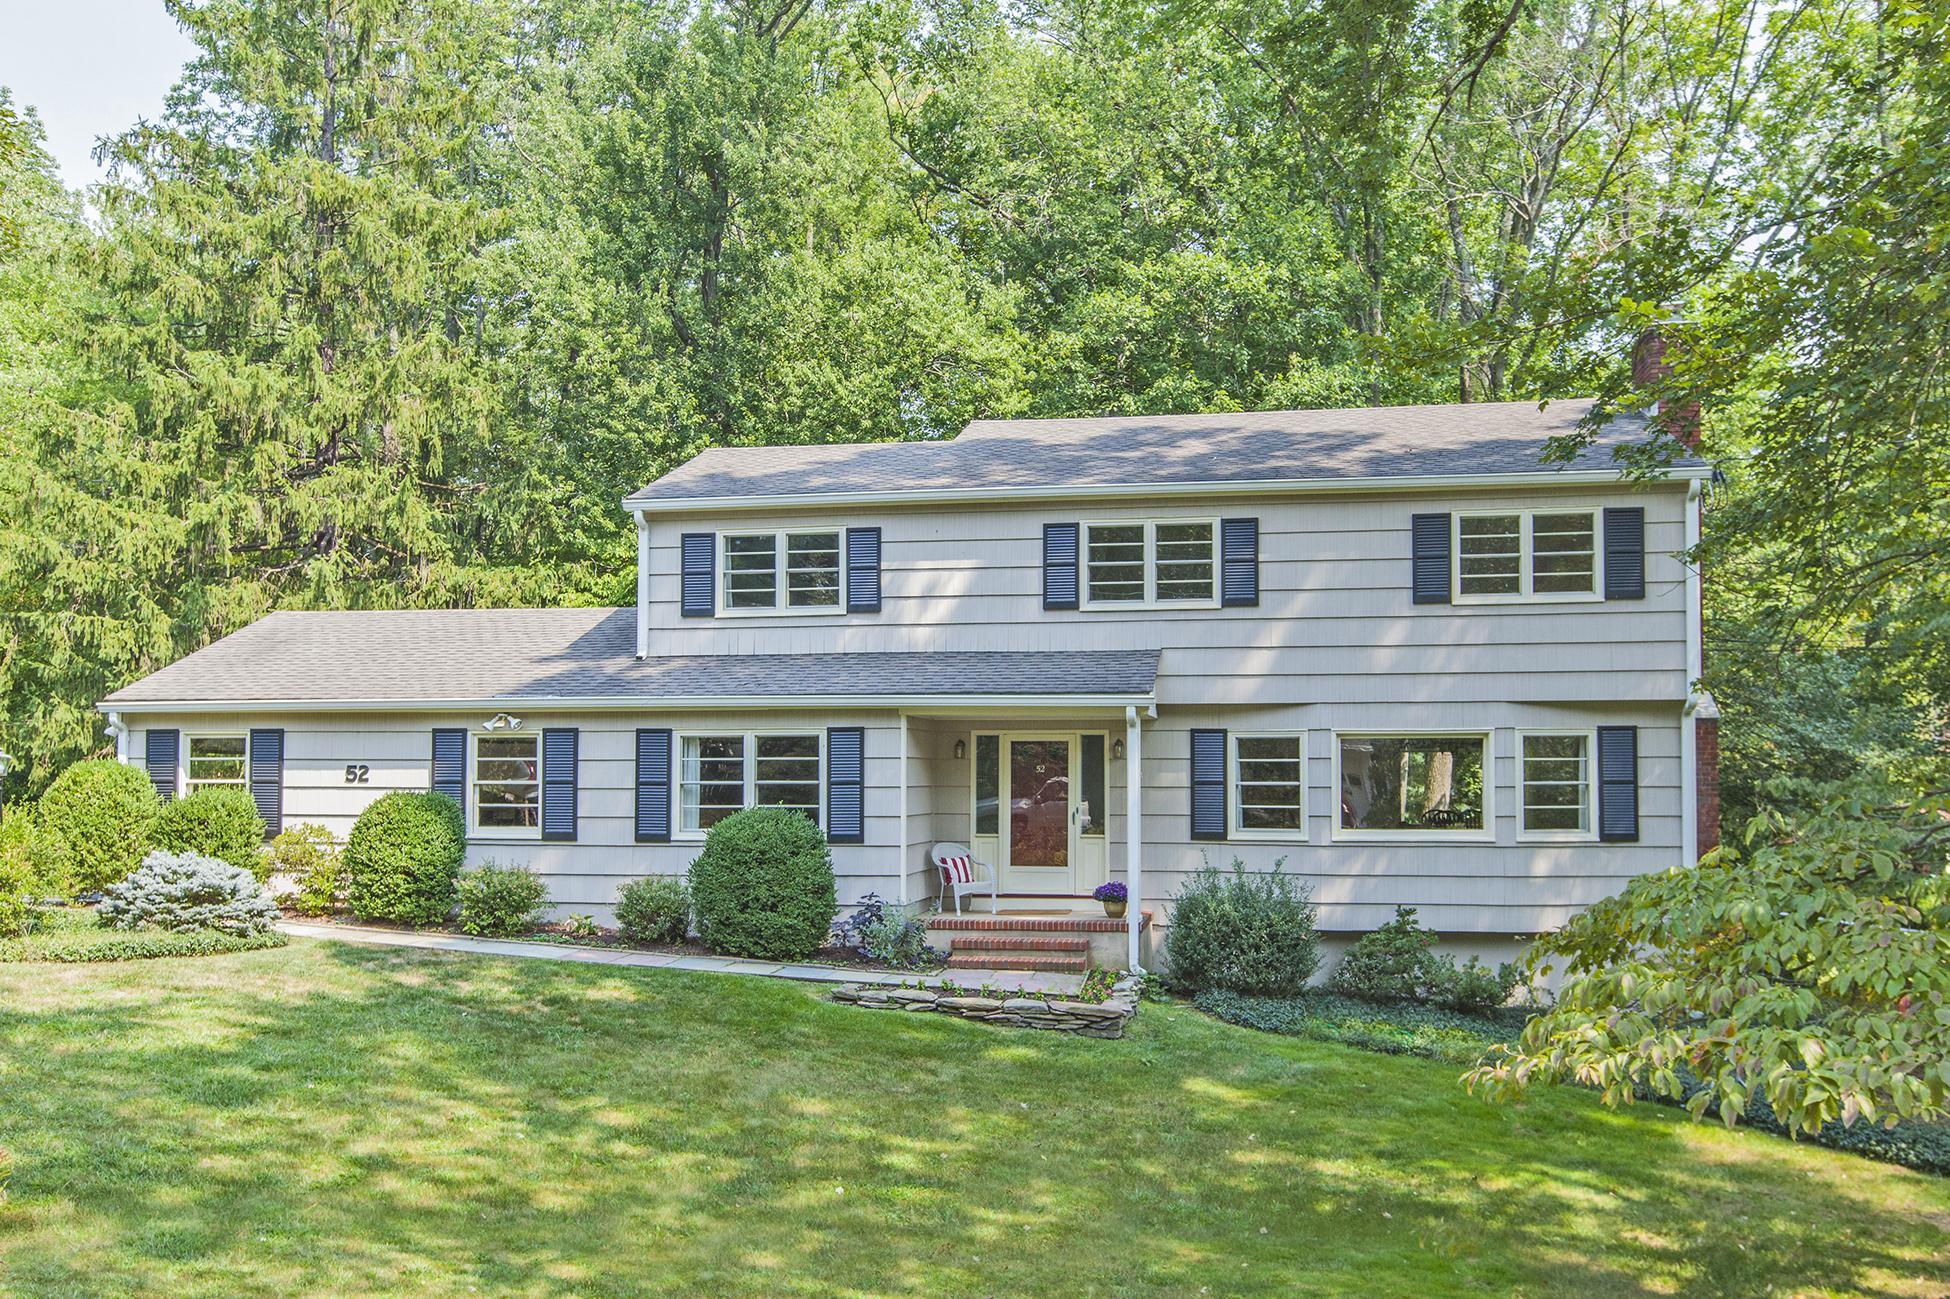 Einfamilienhaus für Verkauf beim Lush Views And Hardwood Floors Throughout 52 Mason Drive Princeton, New Jersey 08540 Vereinigte Staaten